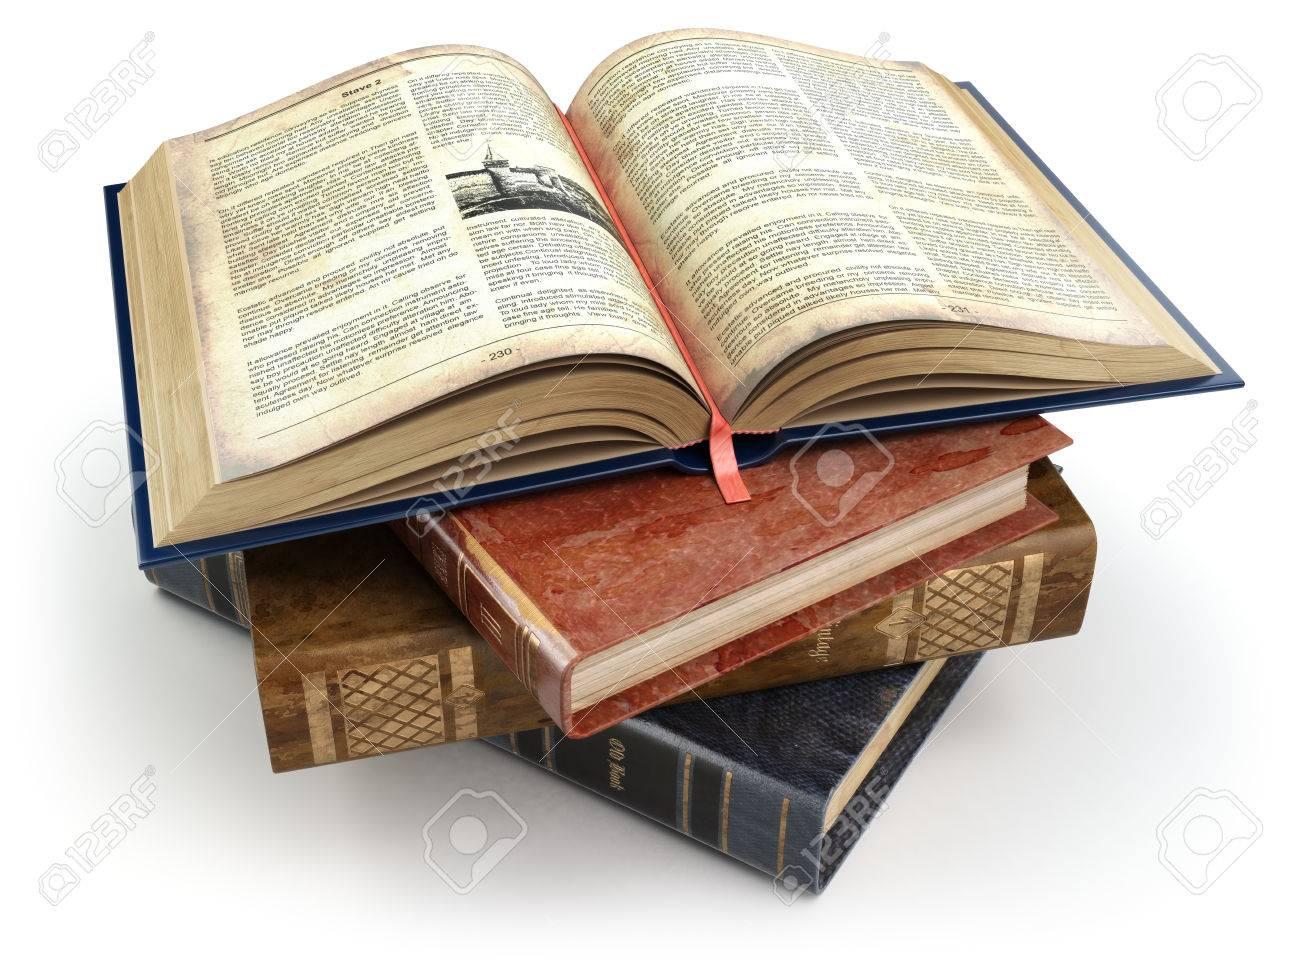 Libros Antiguos Olld Con Una Abierta Aislado En Blanco Educación